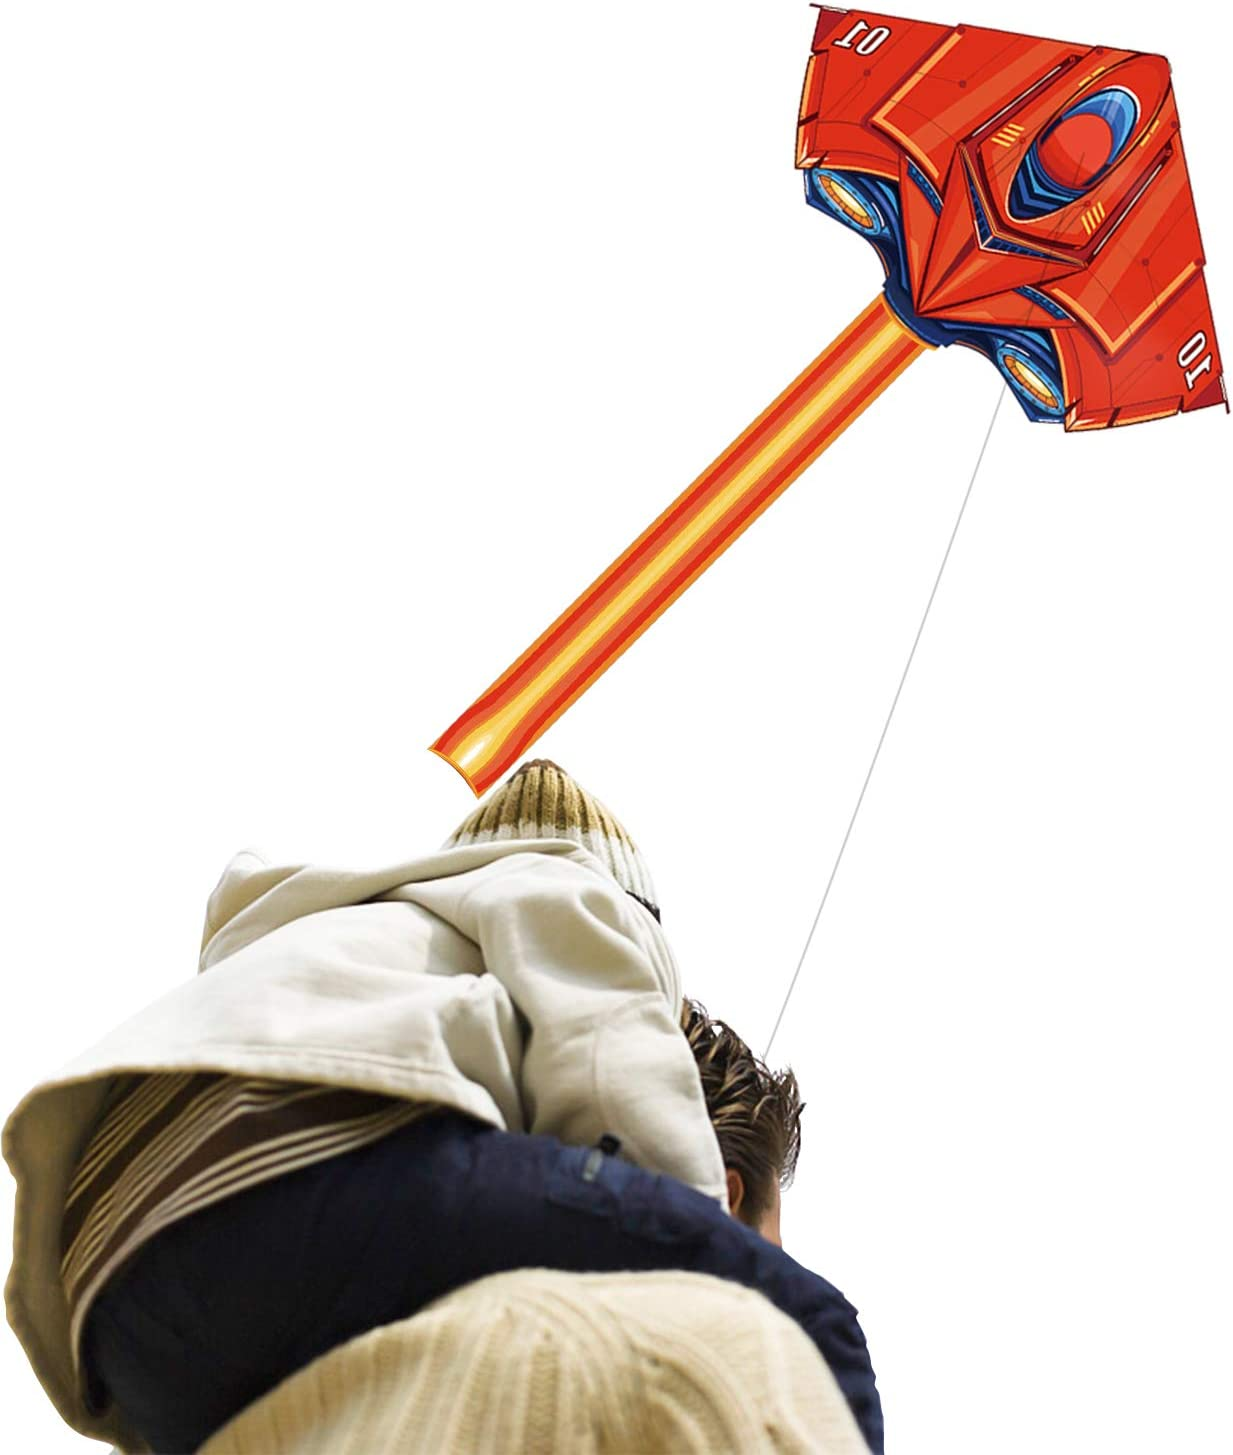 Flying Toy Kites - Cometa de avión para niños Adultos Jugar al aire libre en el parque de la playa - Cadena de 100 metros con mango fácil de volar, gran regalo para niños y niñas de 5 a 60 años